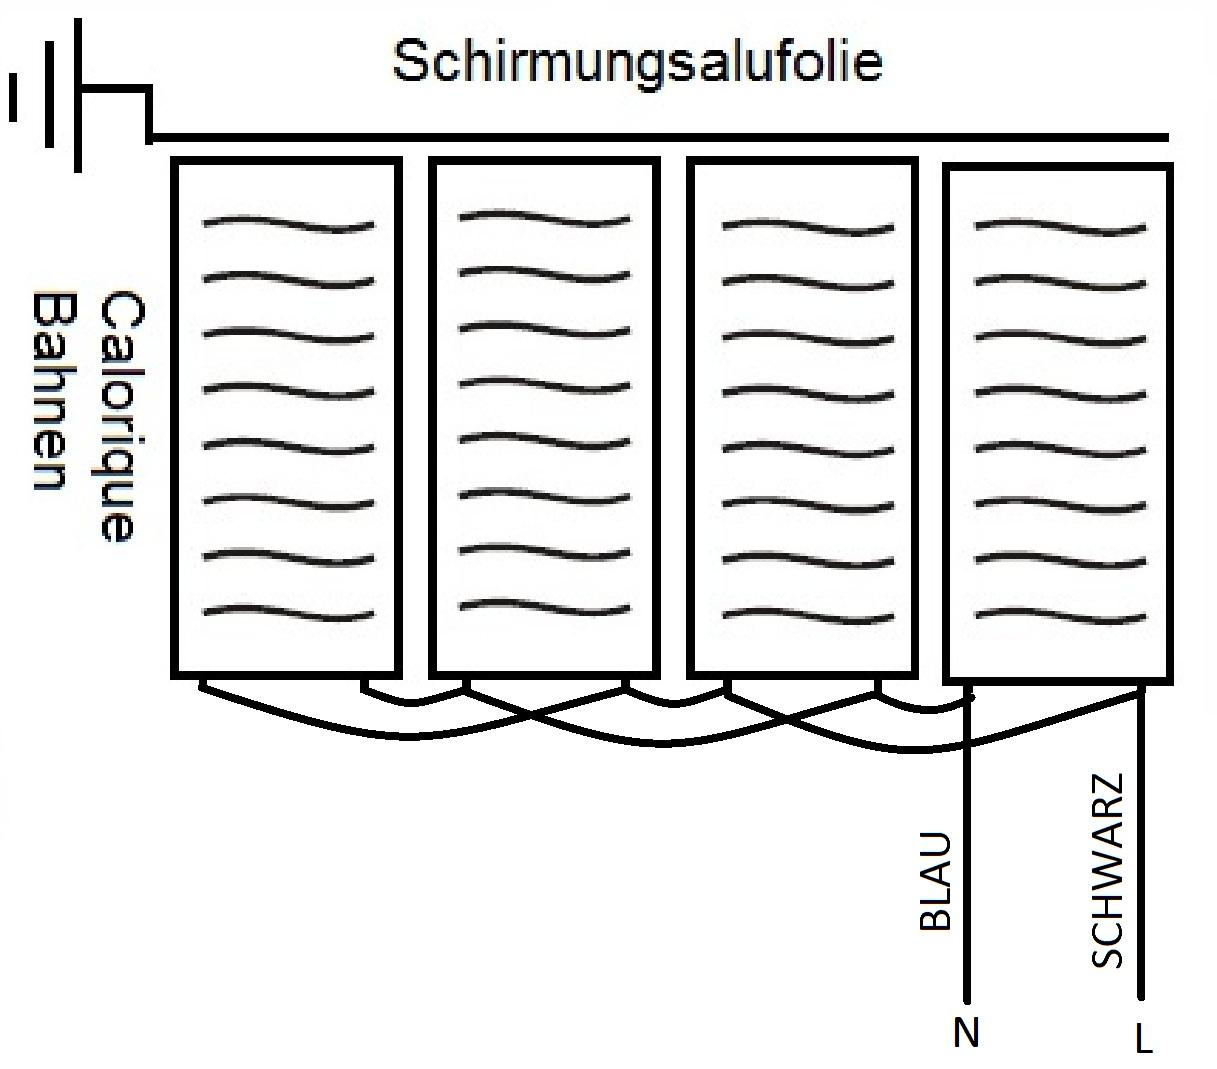 Anschlus2